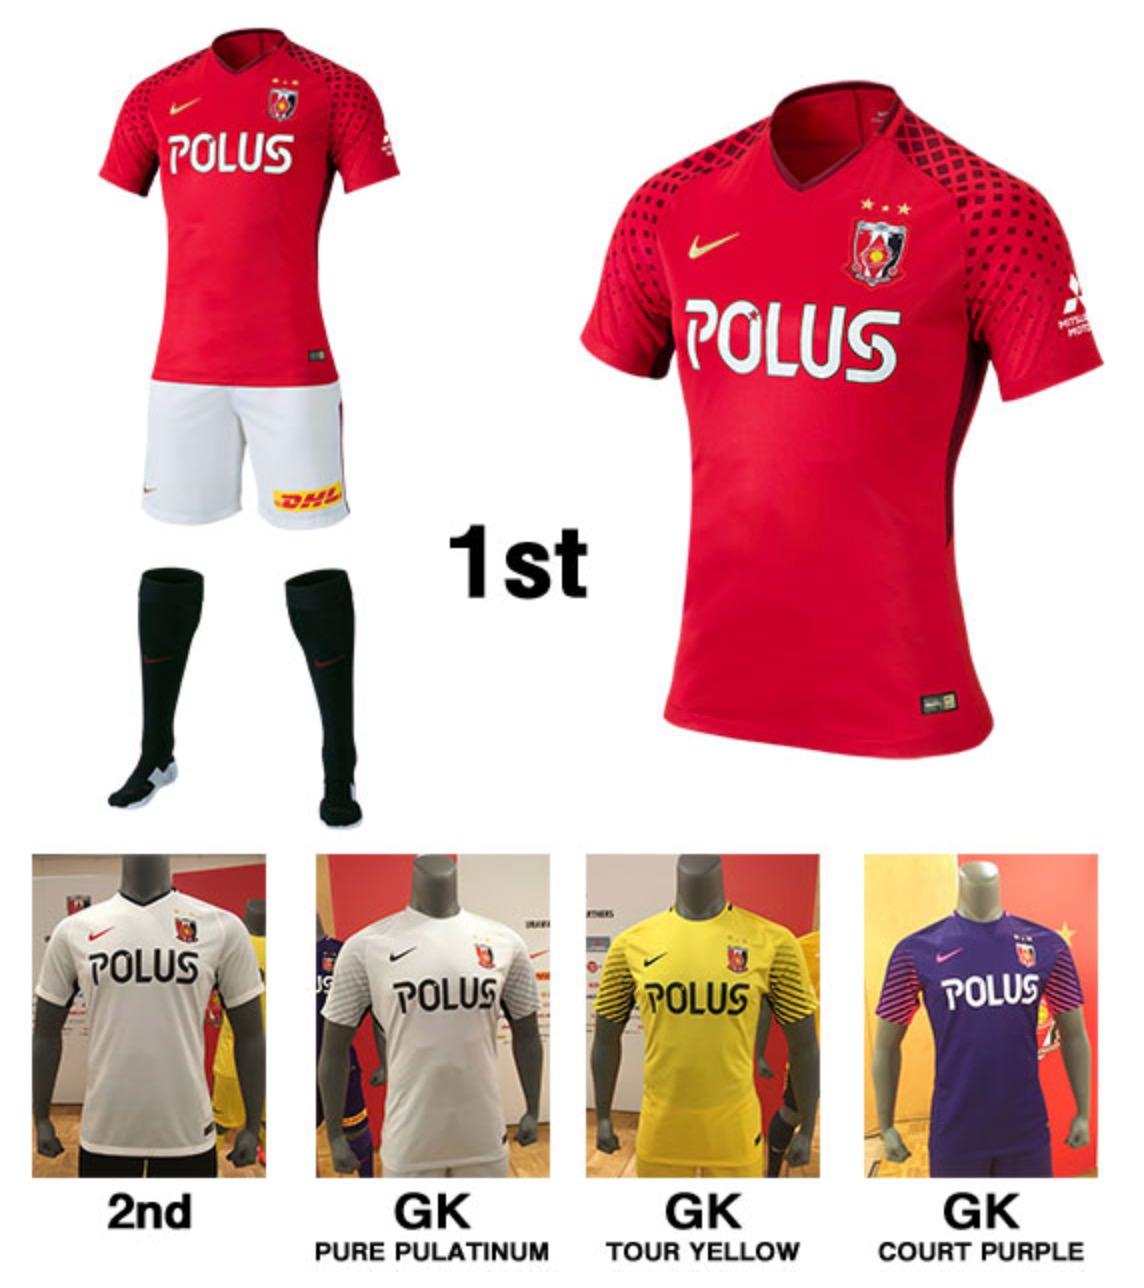 浦和レッズ、2018シーズンの選手背番号と新ユニフォームを発表